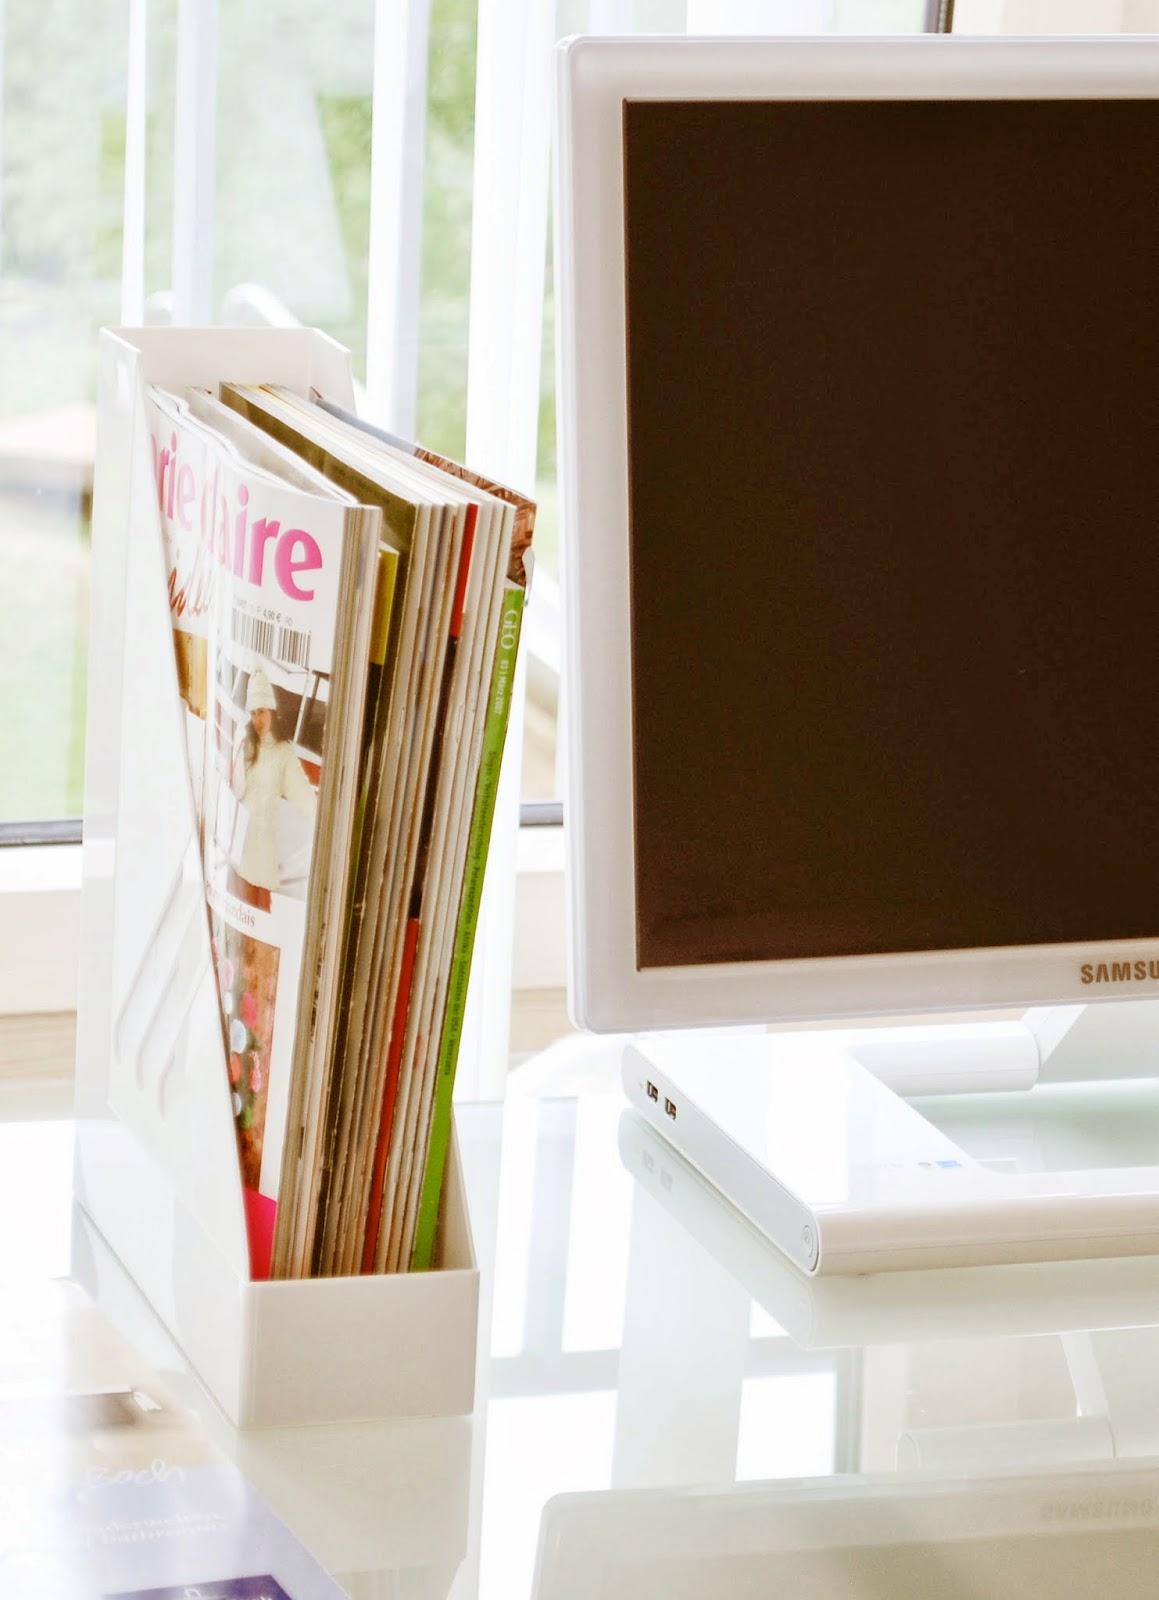 brosch ren kataloge und zeitschriften aufbewahren iby lippold haushaltstipps. Black Bedroom Furniture Sets. Home Design Ideas